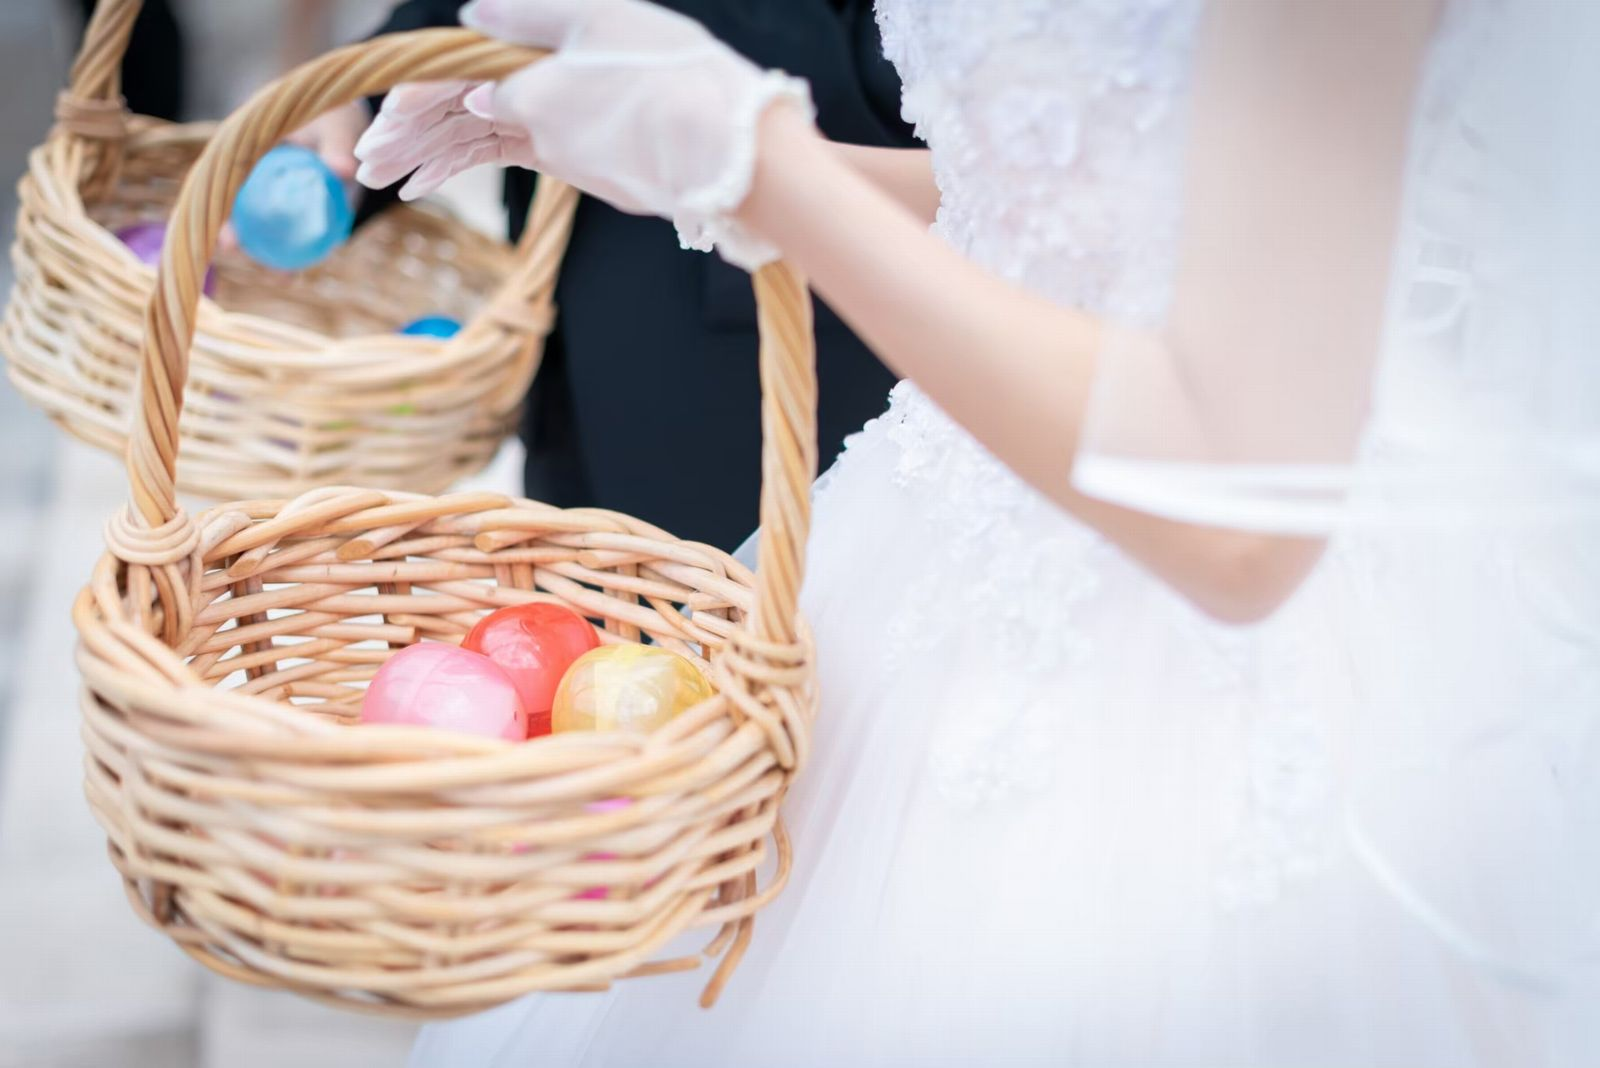 香川県の結婚式場シェルエメール&アイスタイルのガチャガチャトス